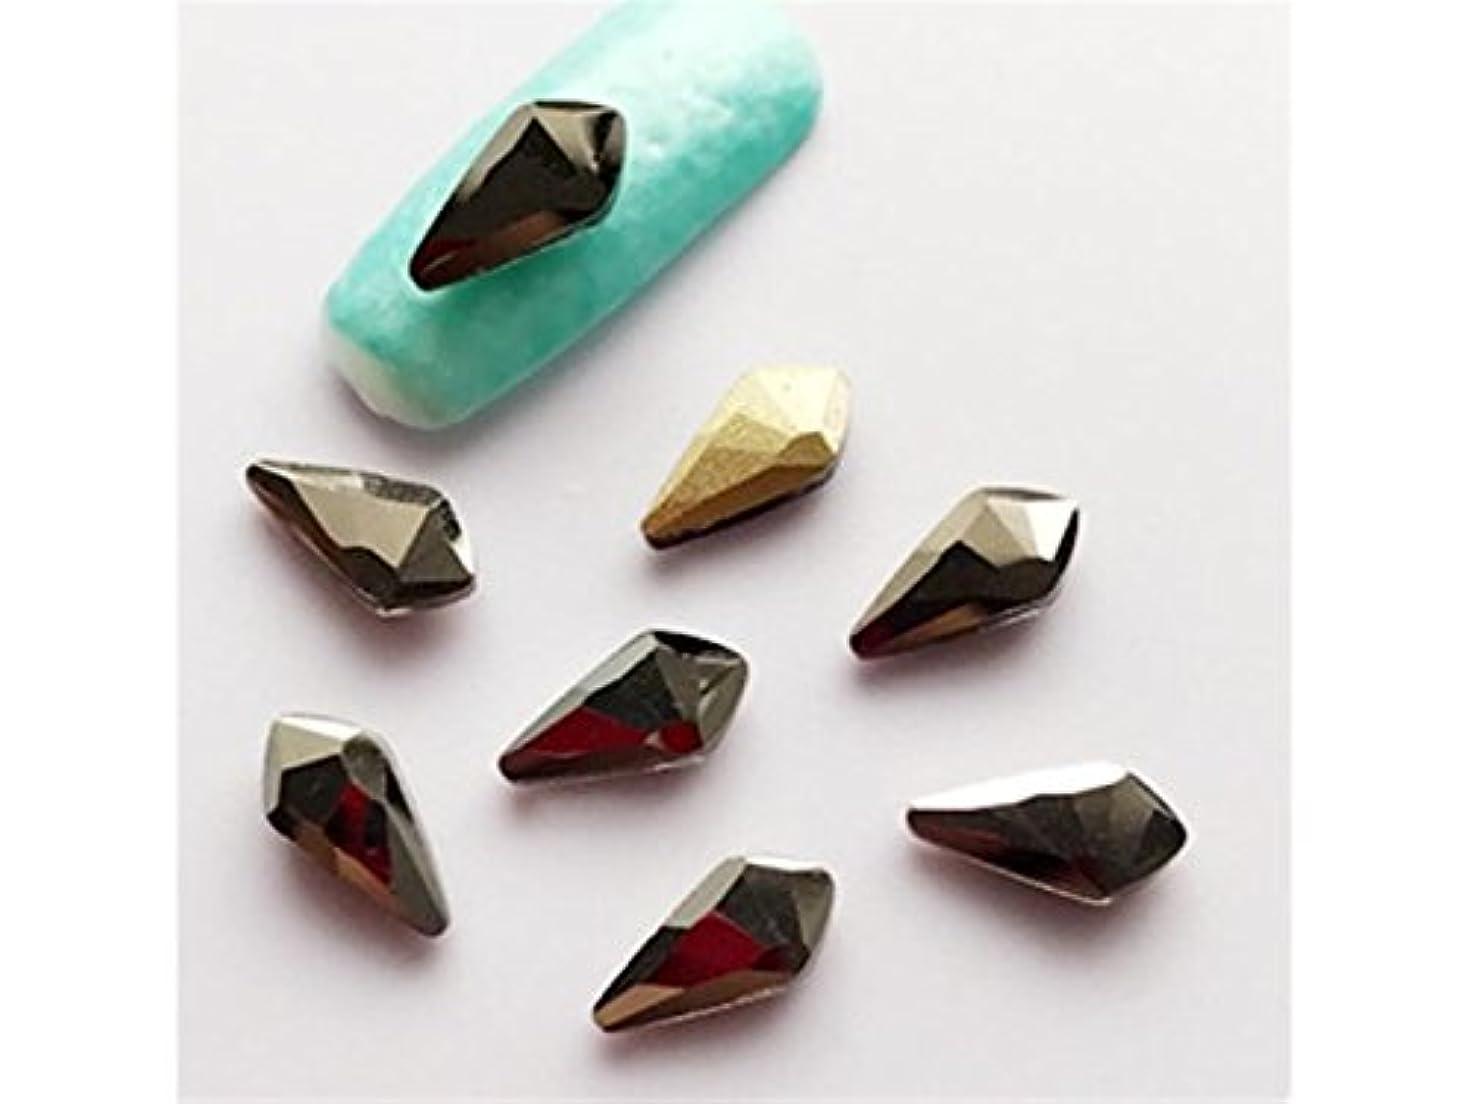 発見言うまでもなく証明するOsize 10本のラインストーンクリスタルガラスドリル3DネイルステッカーネイルアートデコレーションDIYネイルチップ(コーヒー)